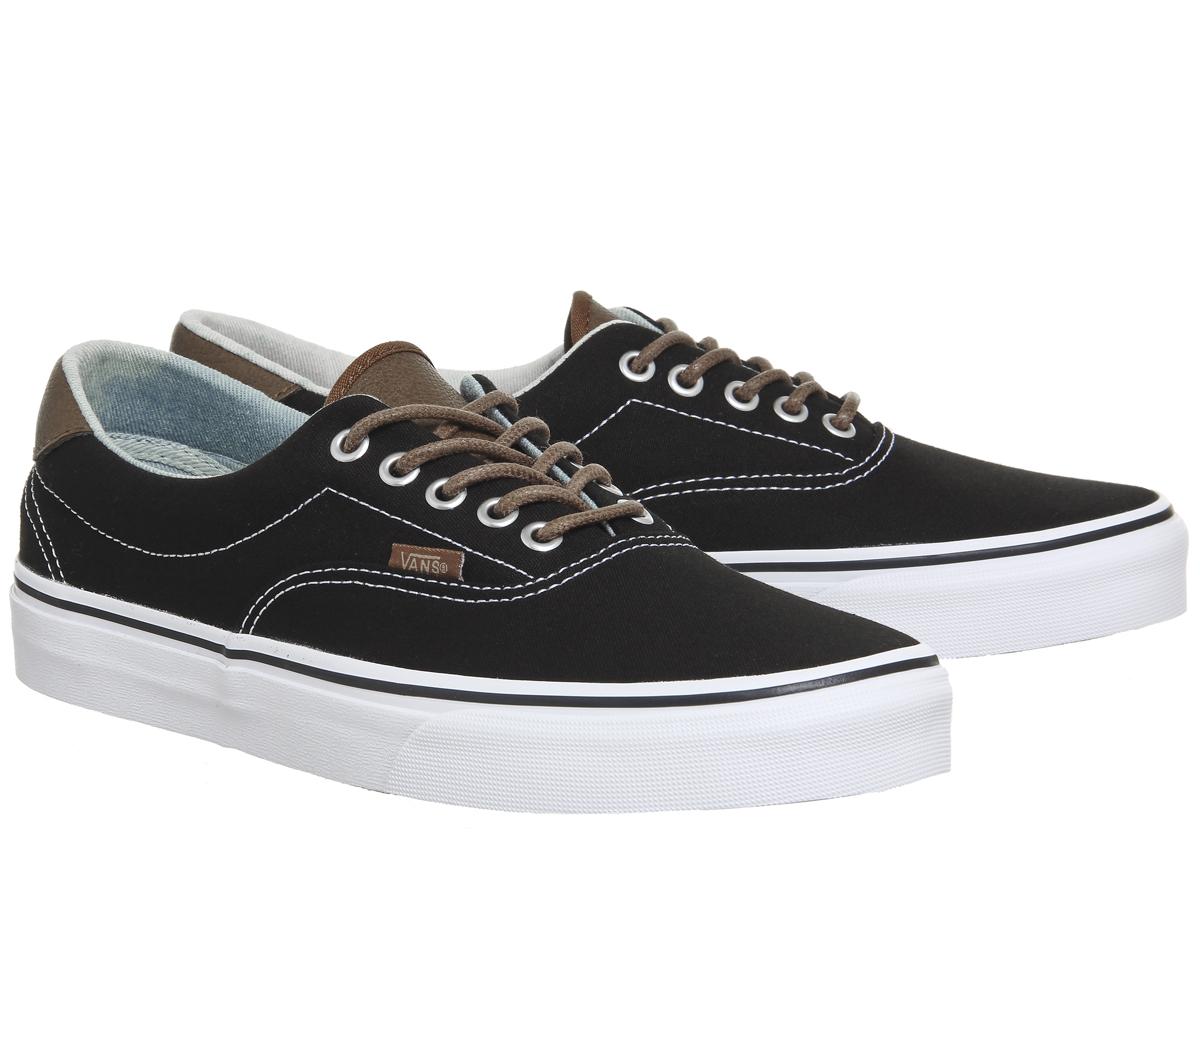 ad85e76a08 Womens Vans Era 59 Lace Up Trainers BLACK ACID DENIM Trainers Shoes ...